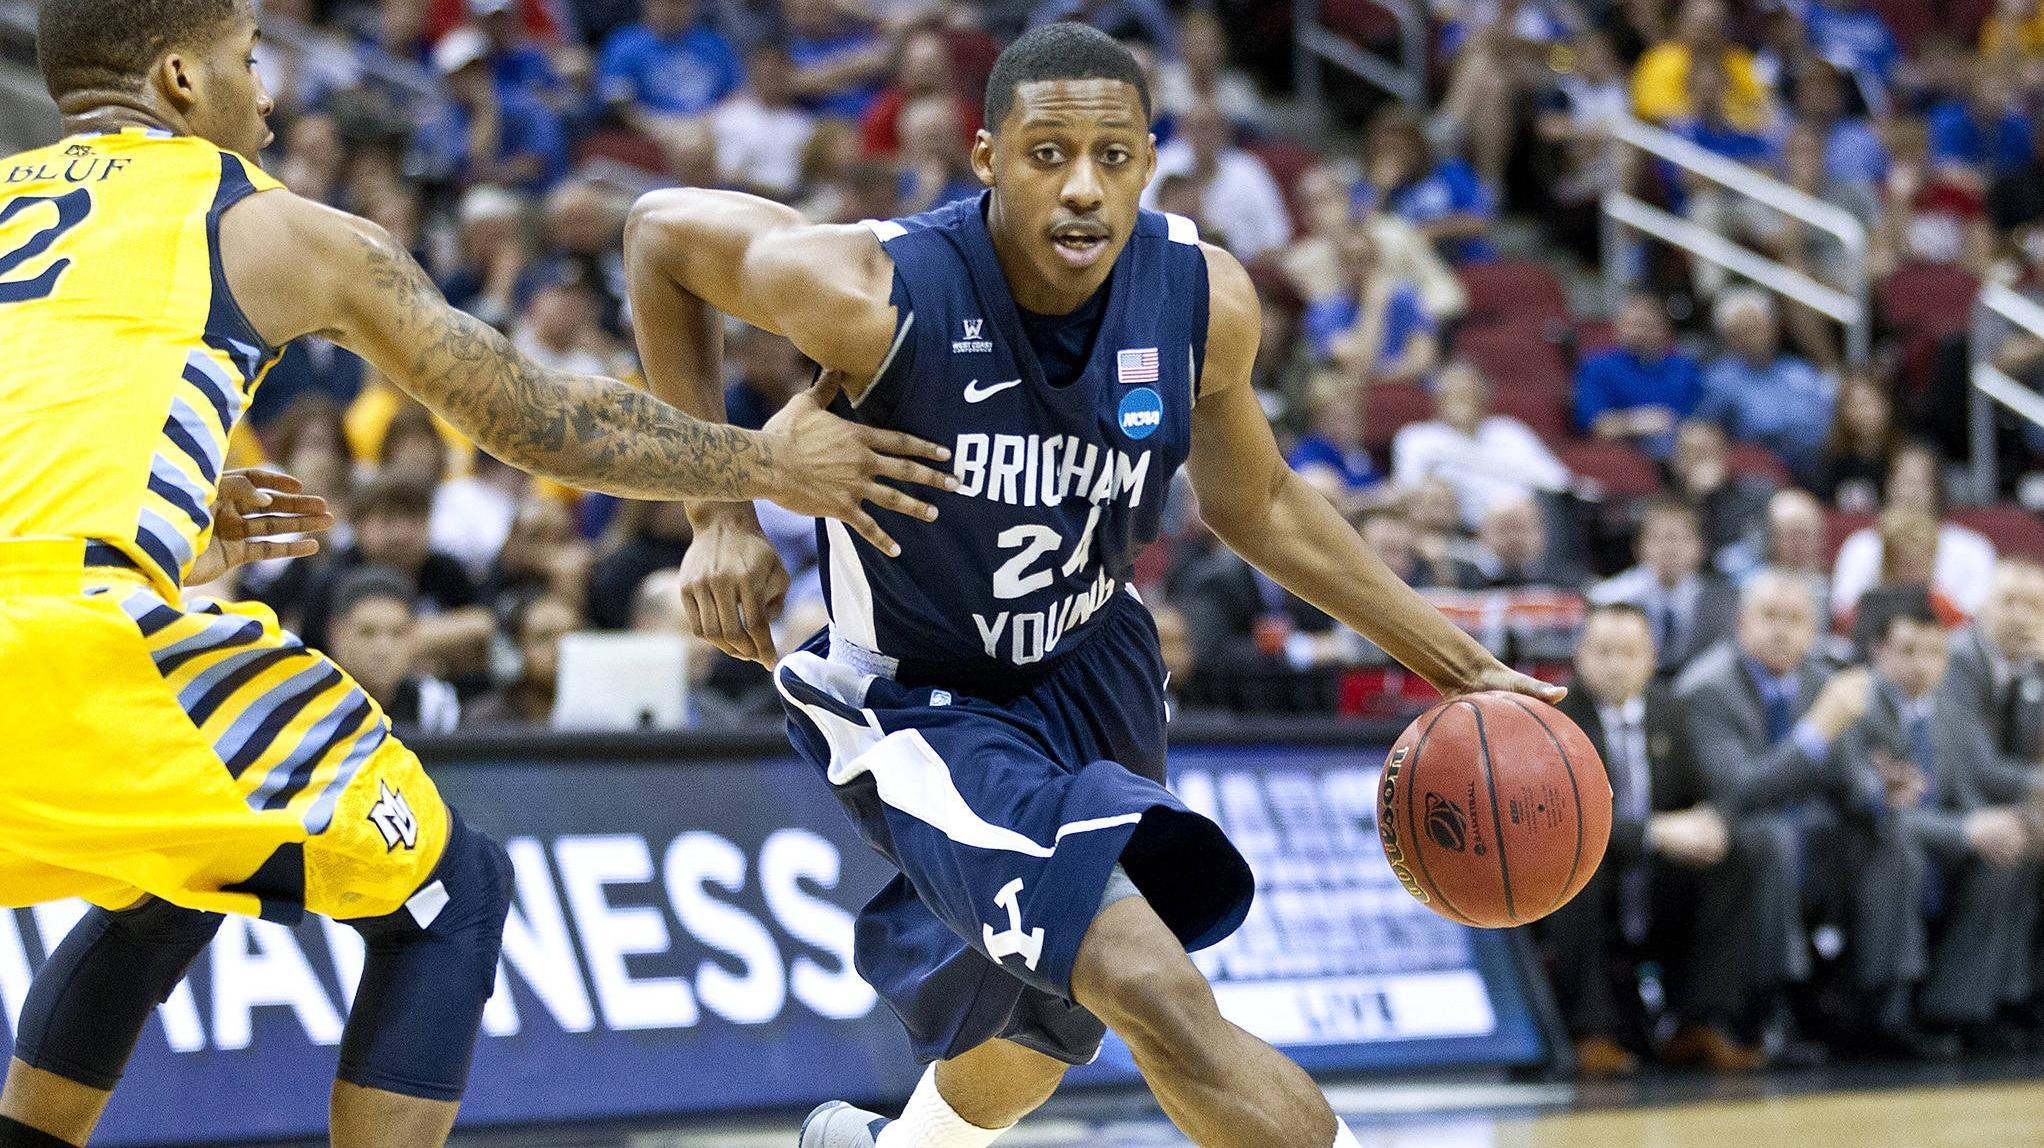 Damarcus Harrison Joins Men?s Basketball Program